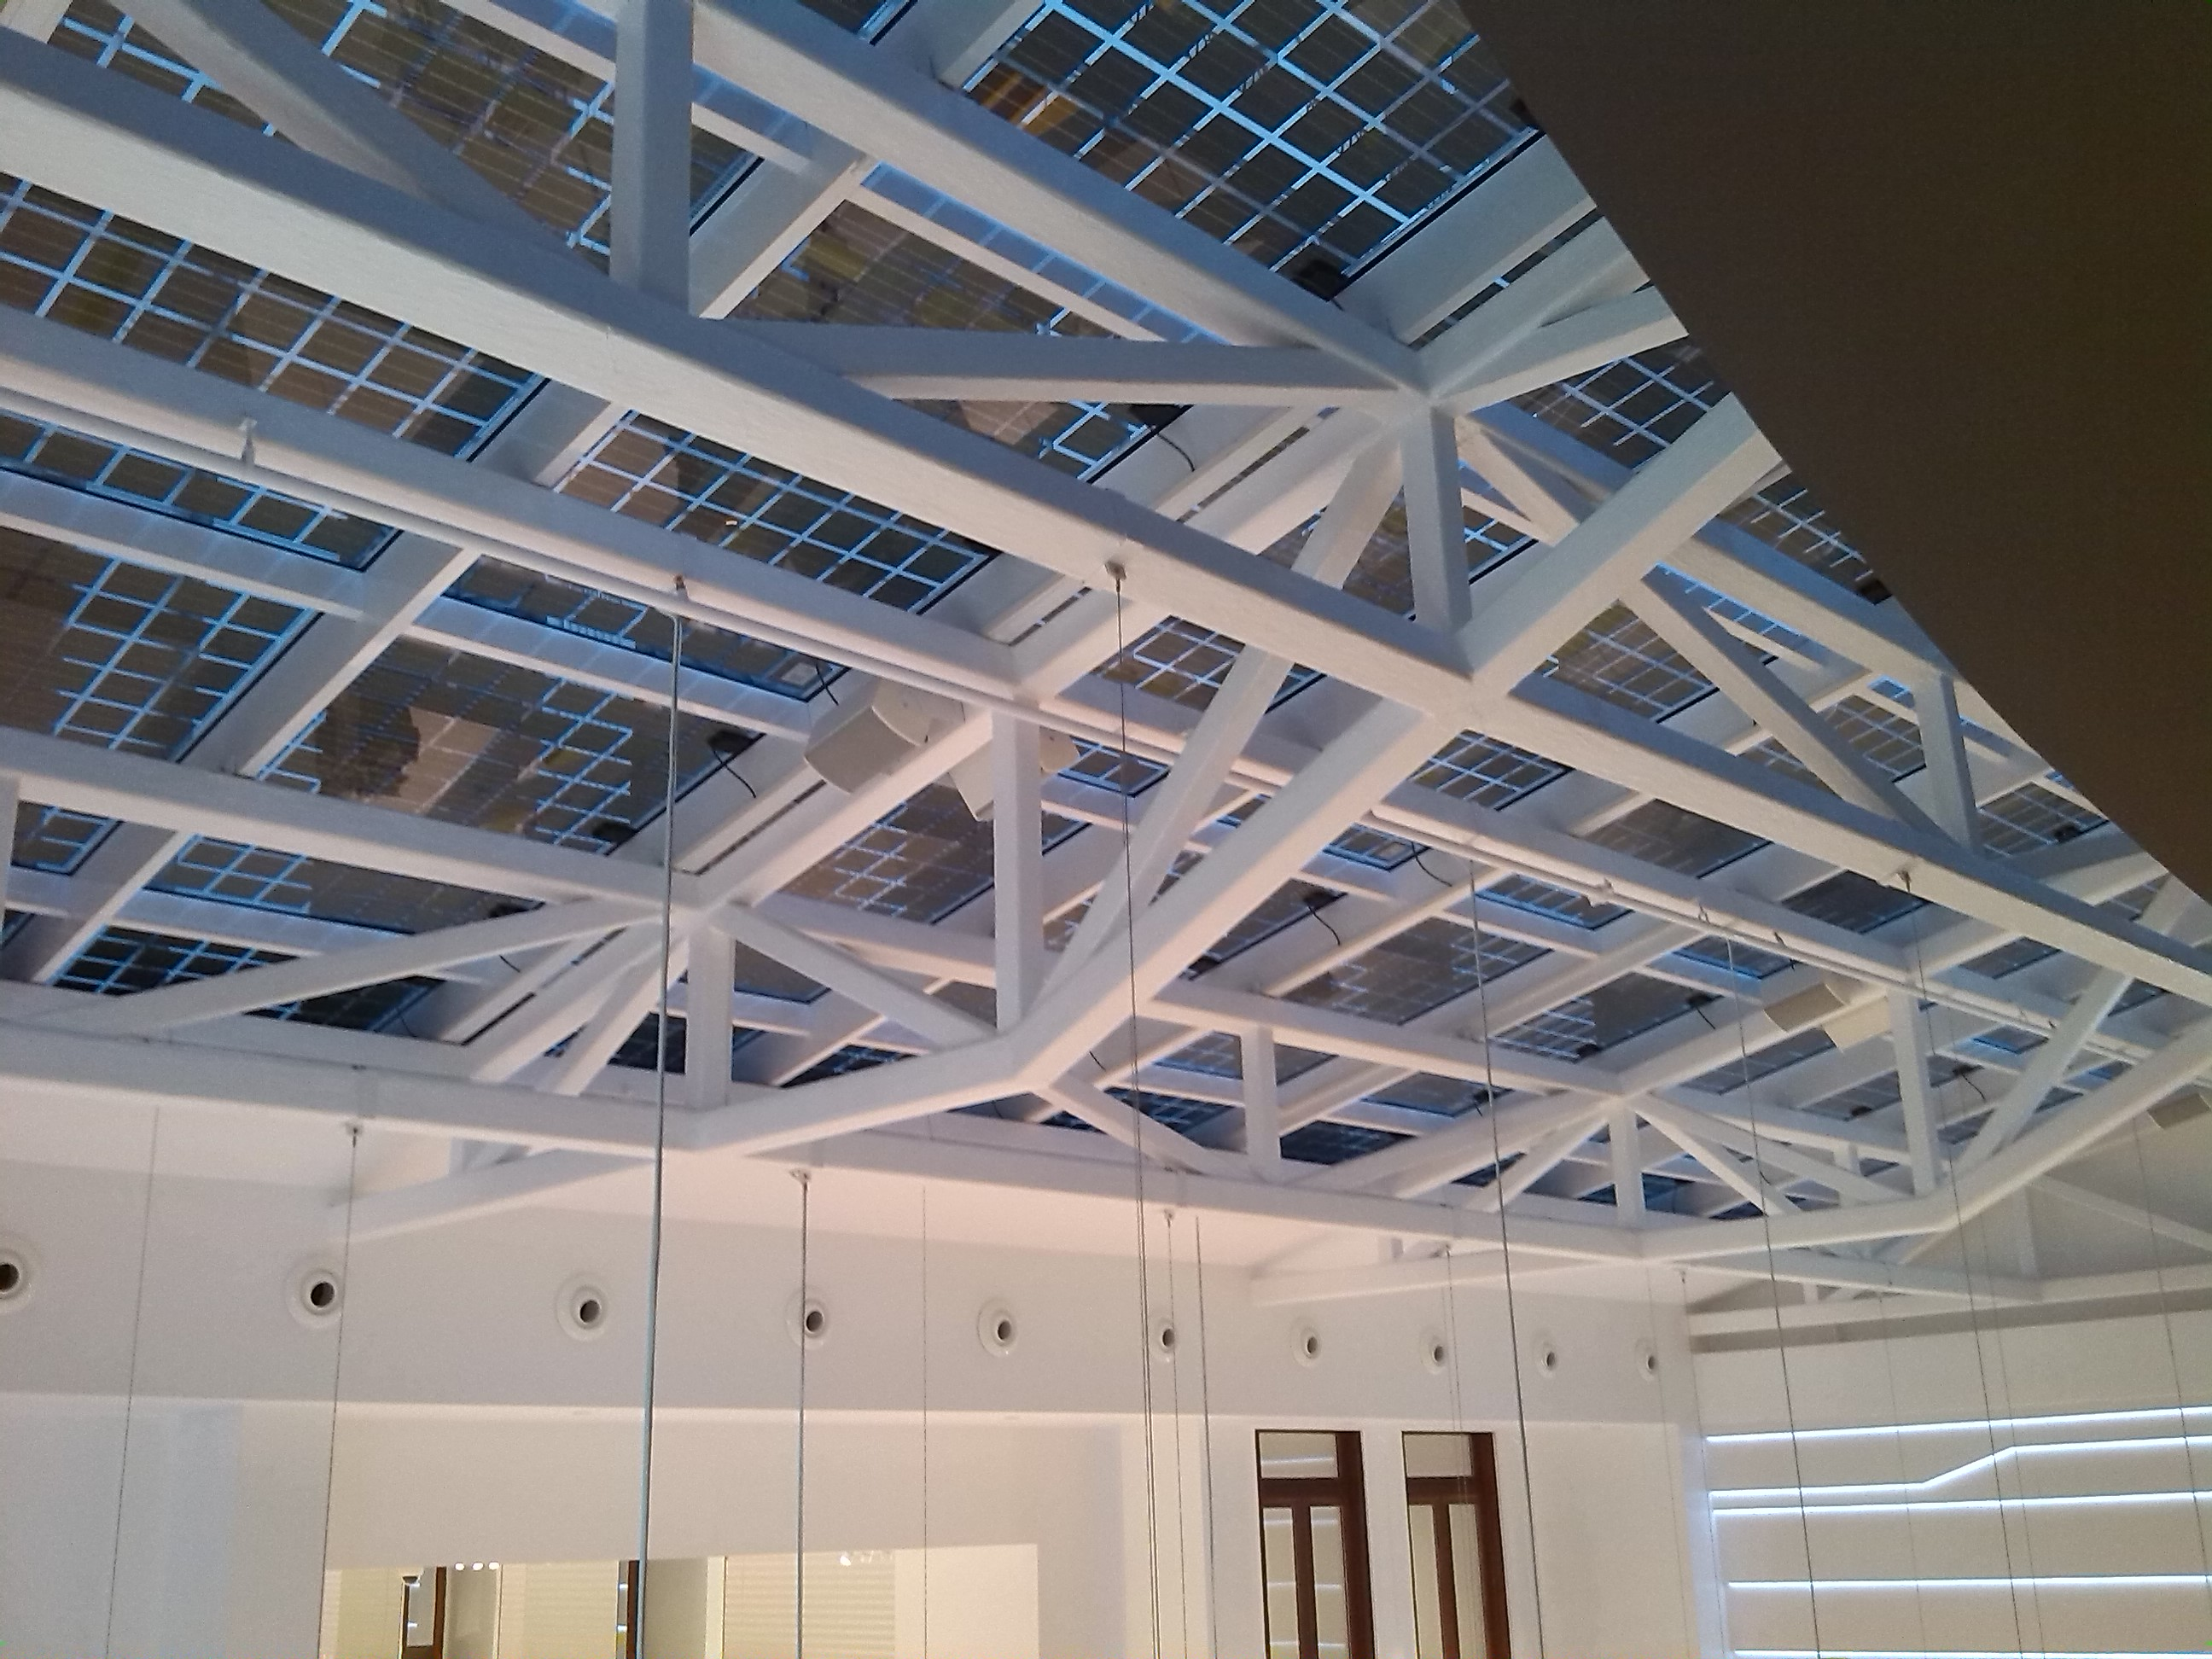 Instalación Axial Solar Techo Tienda Bershka Valencia